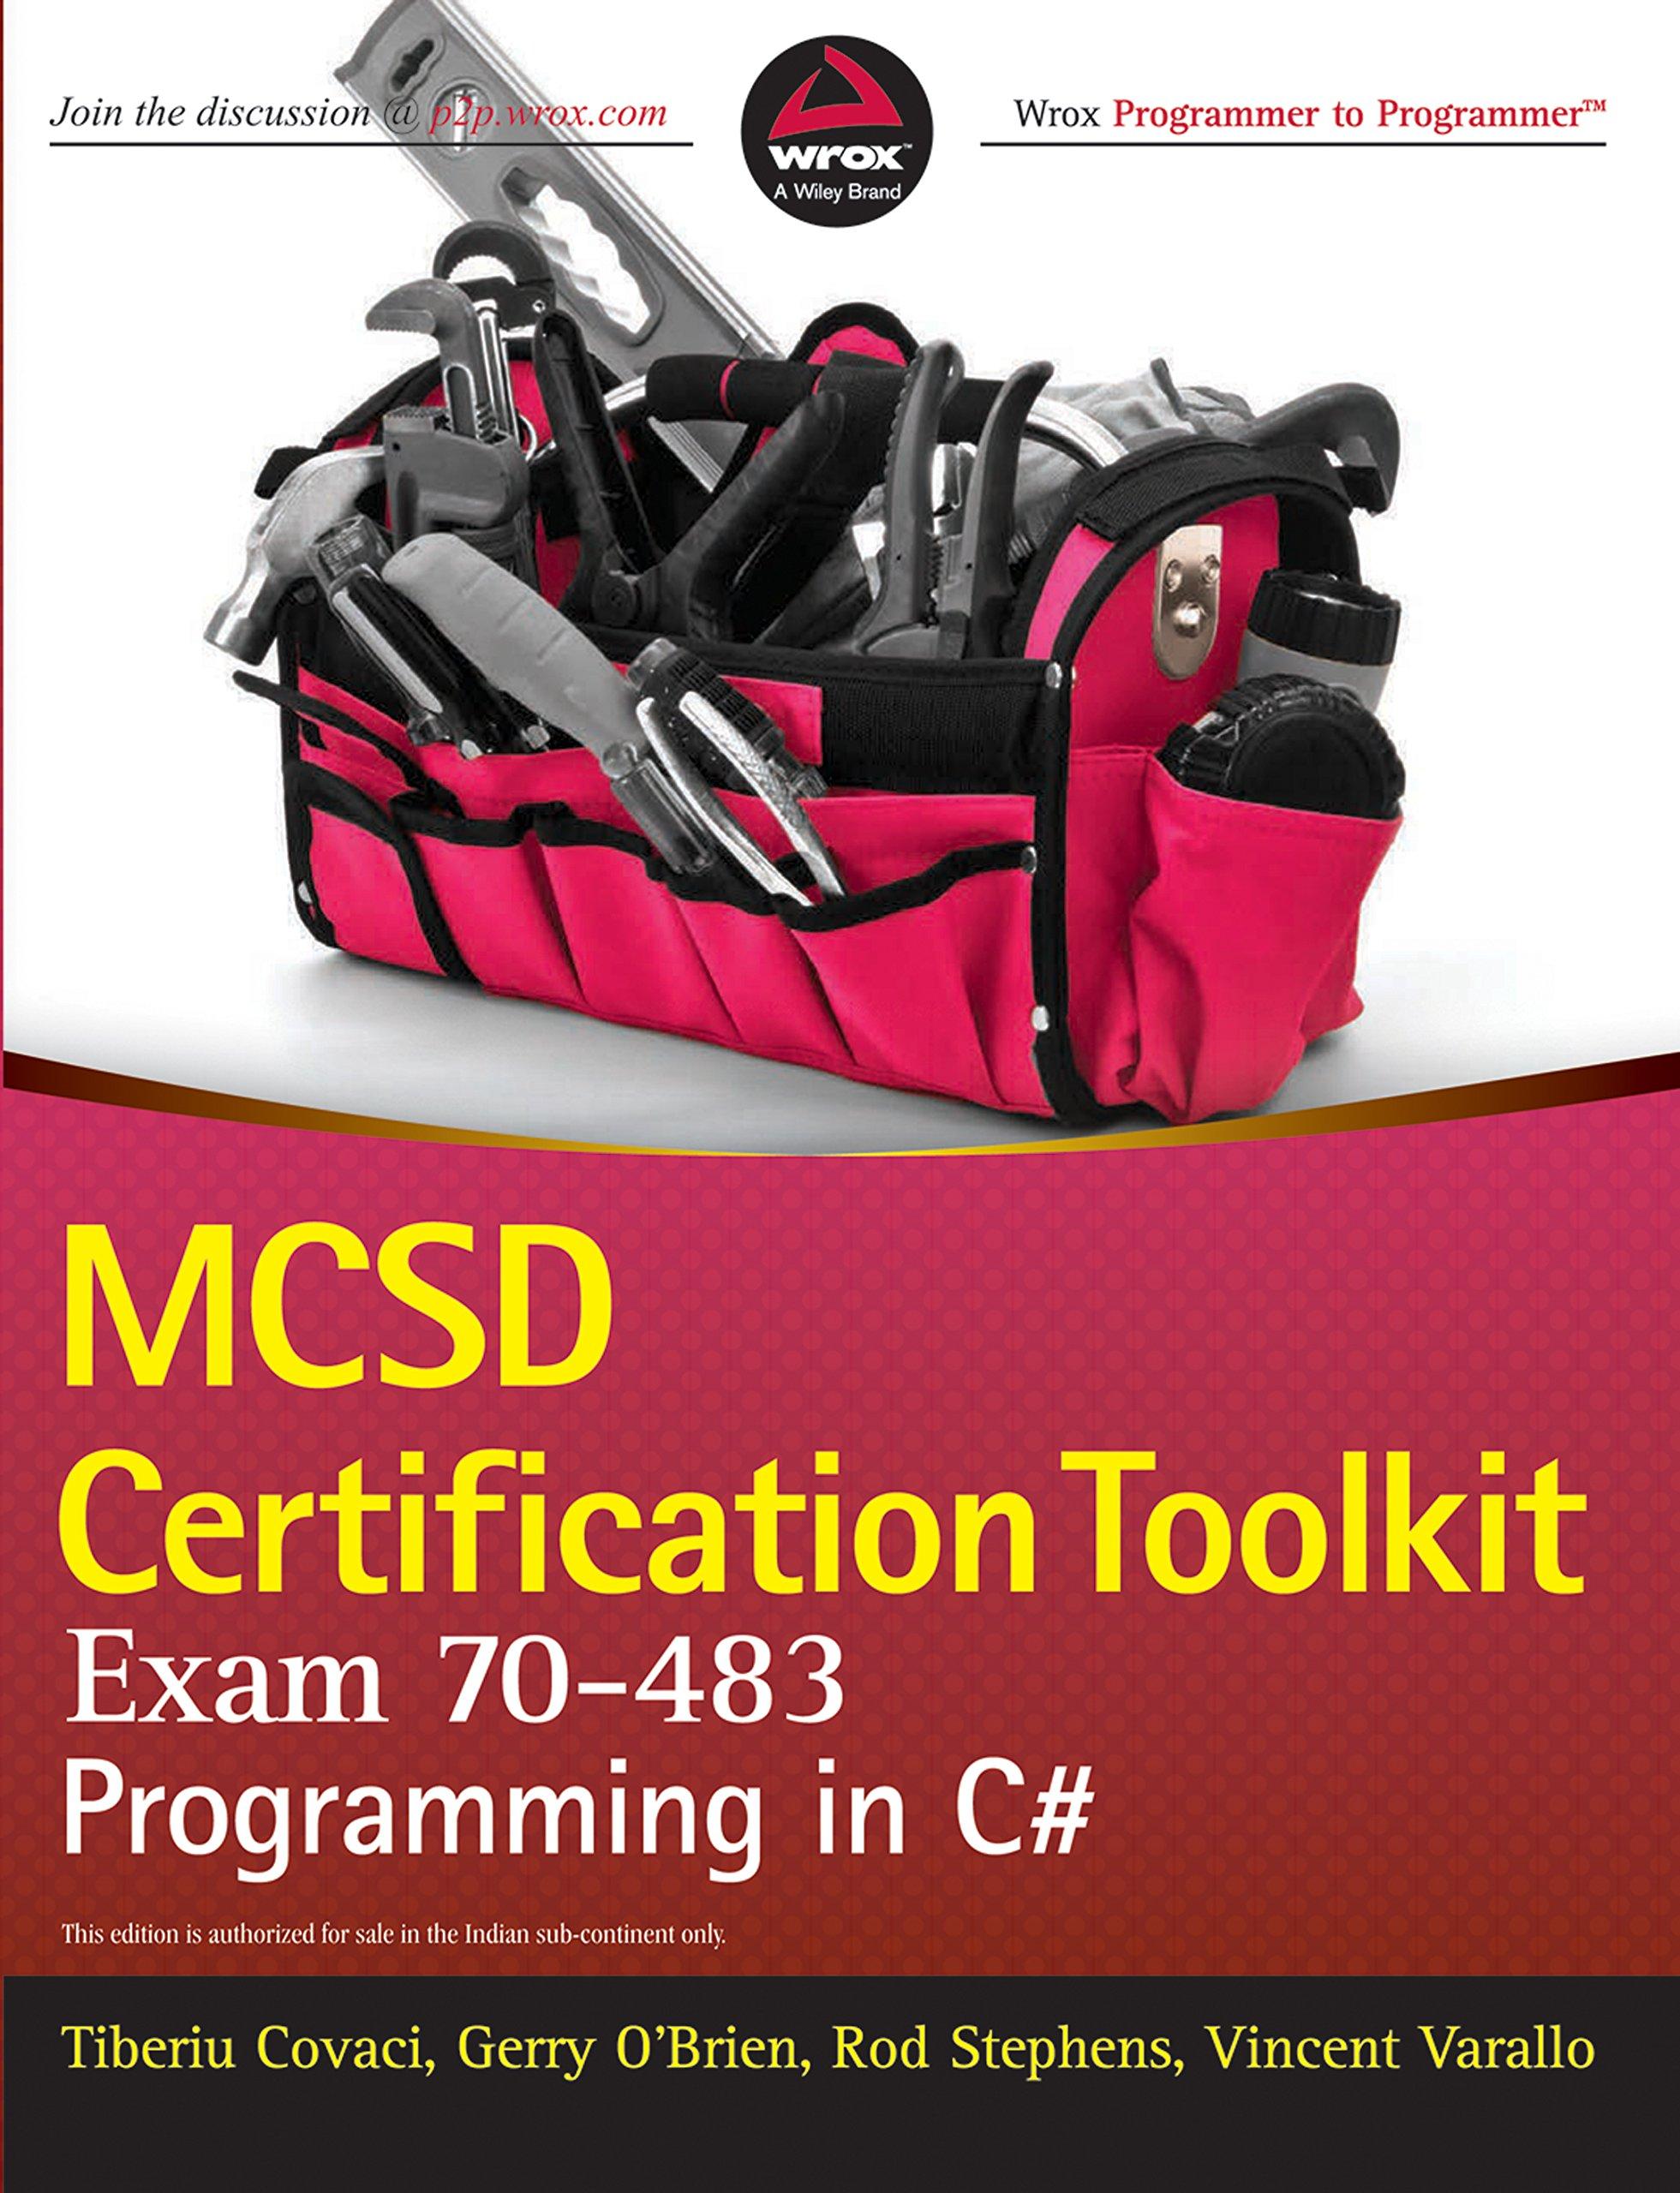 Buy Mcsd Certification Toolkit Exam 70483 Programming In C Wrox